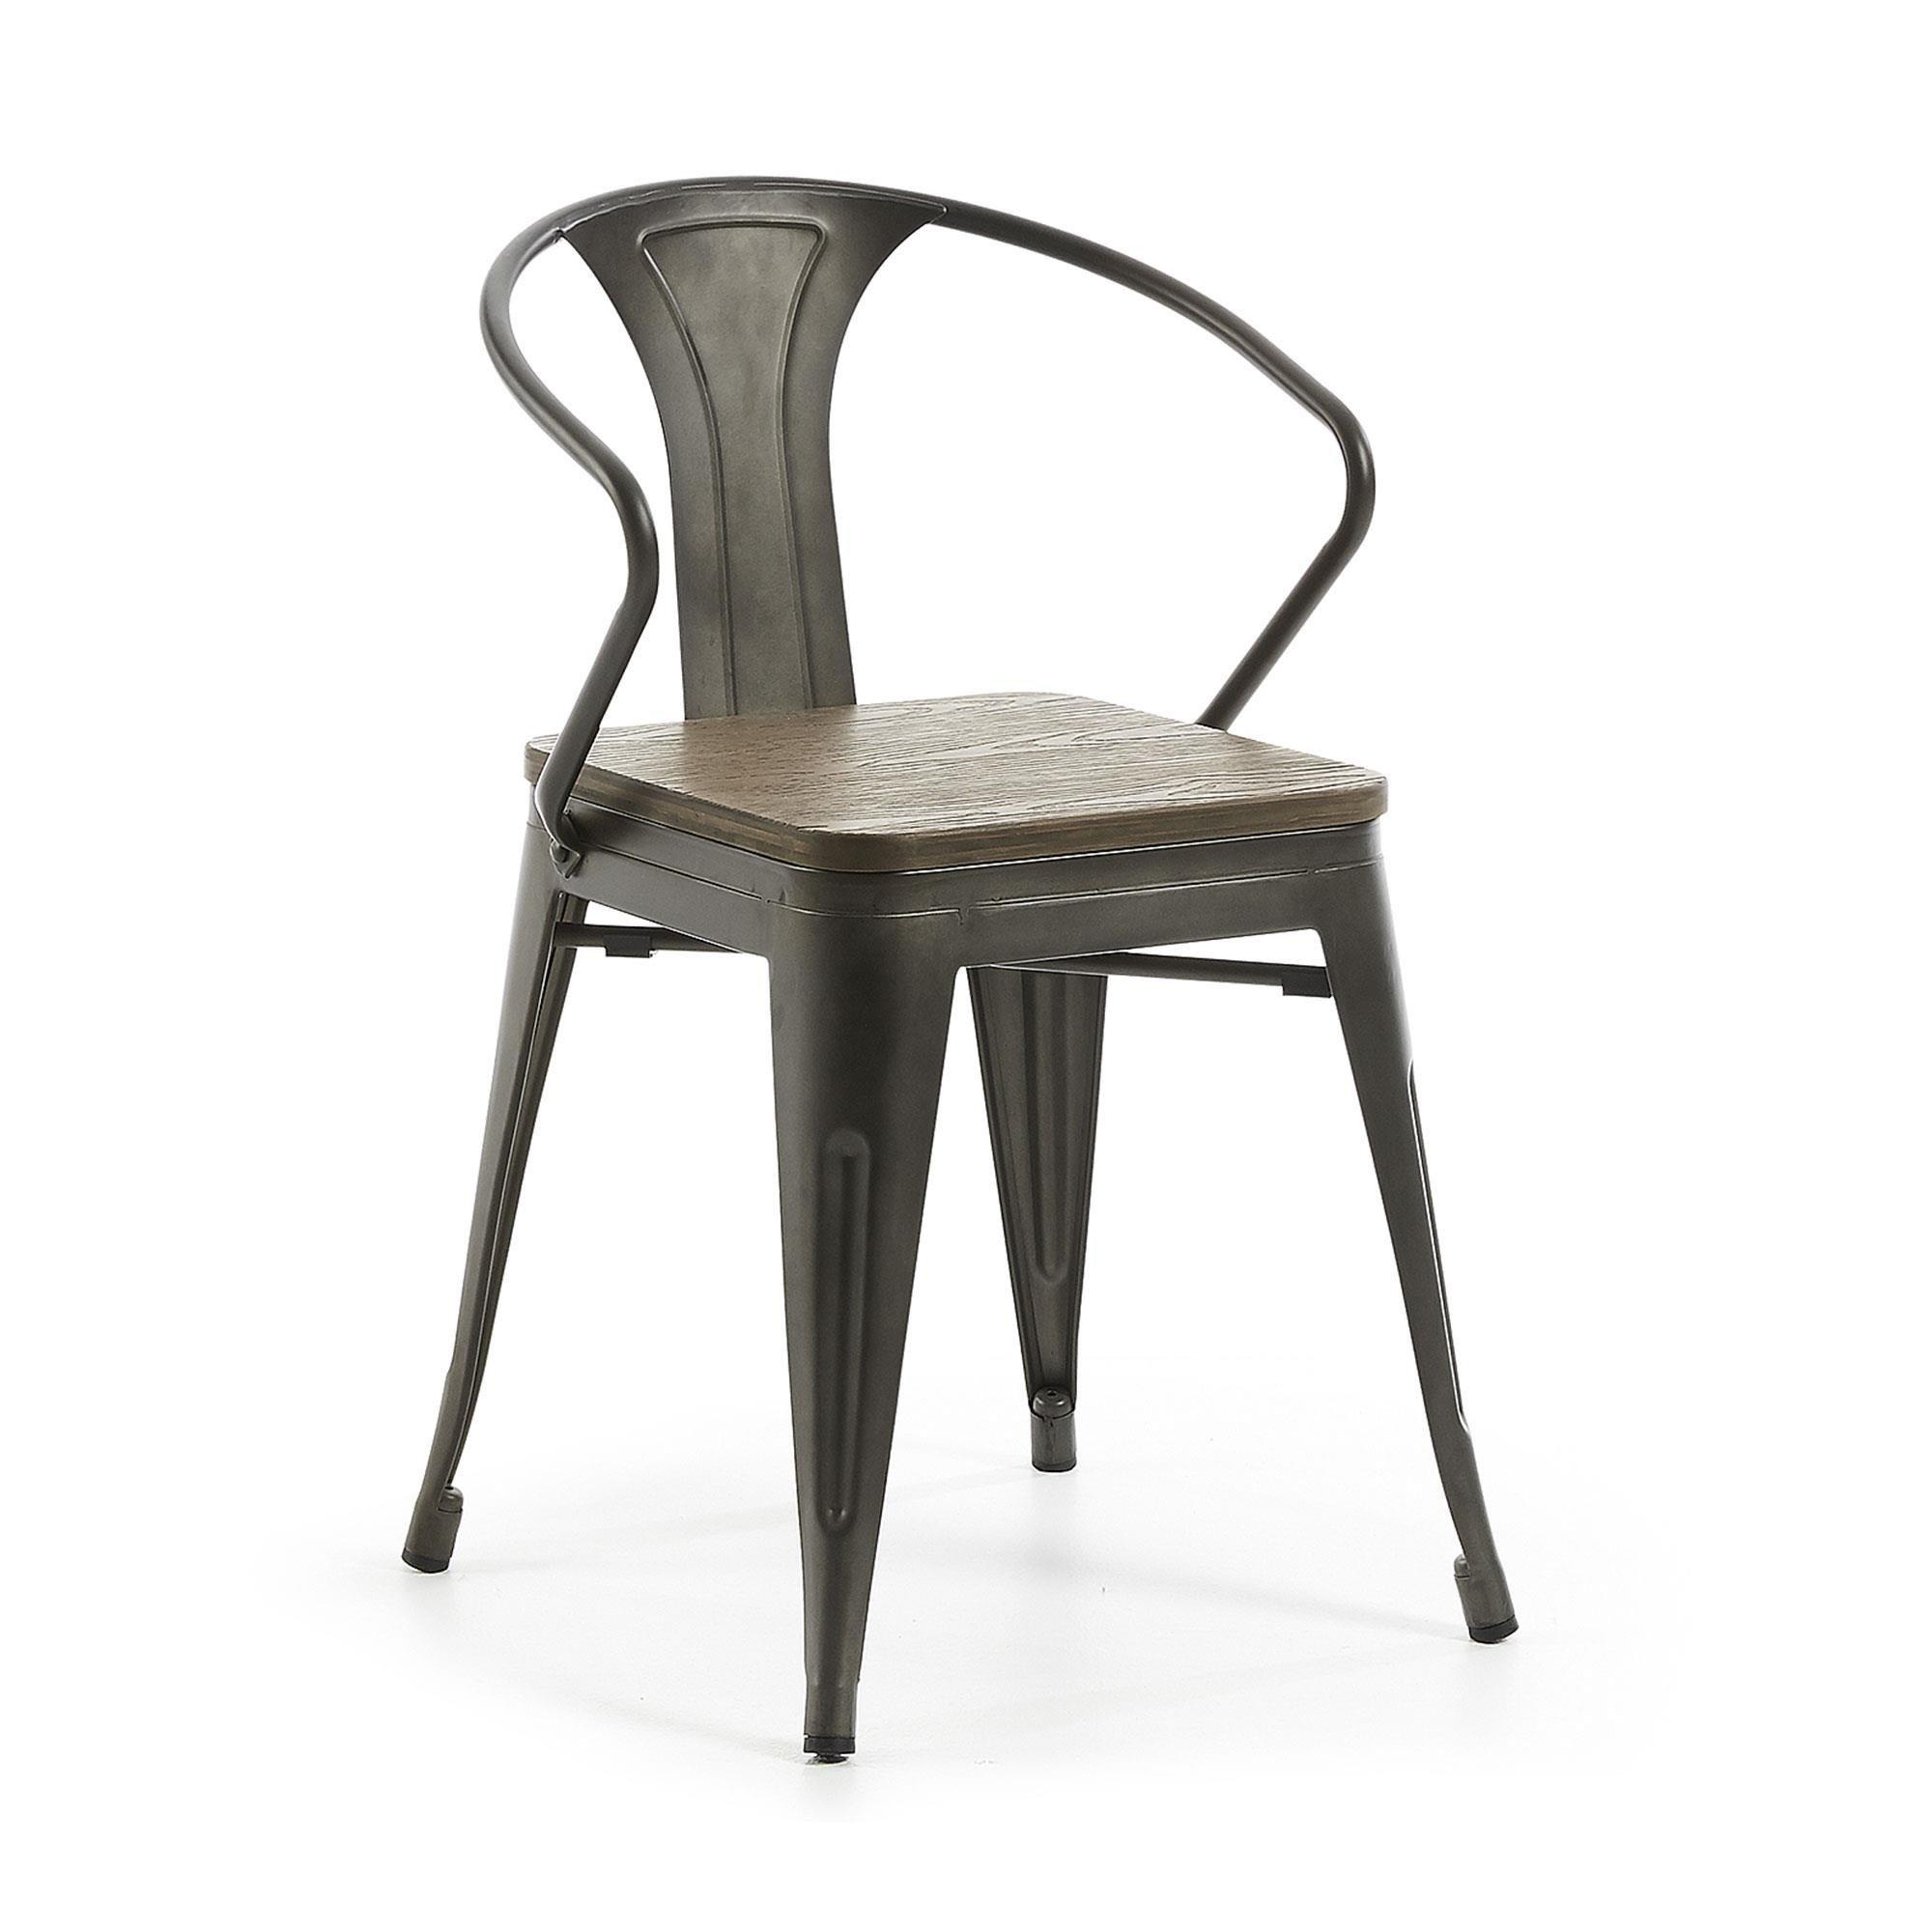 Fotel CARRIBI 51x57 kolor szary